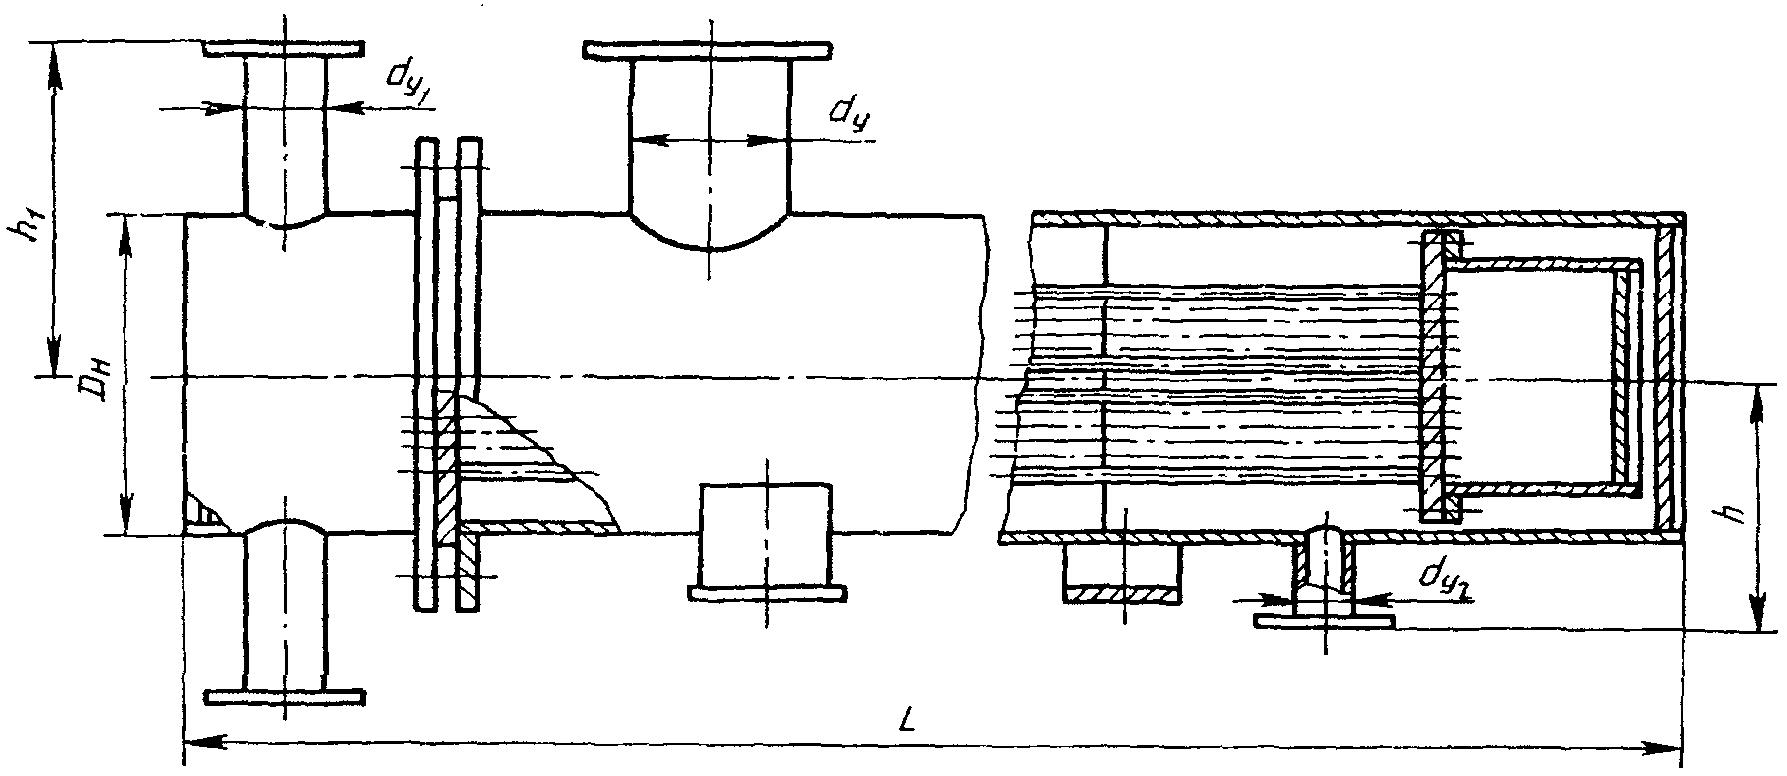 Теплообменник ппв-2-11 оборудование для очистки теплообменников в р.б